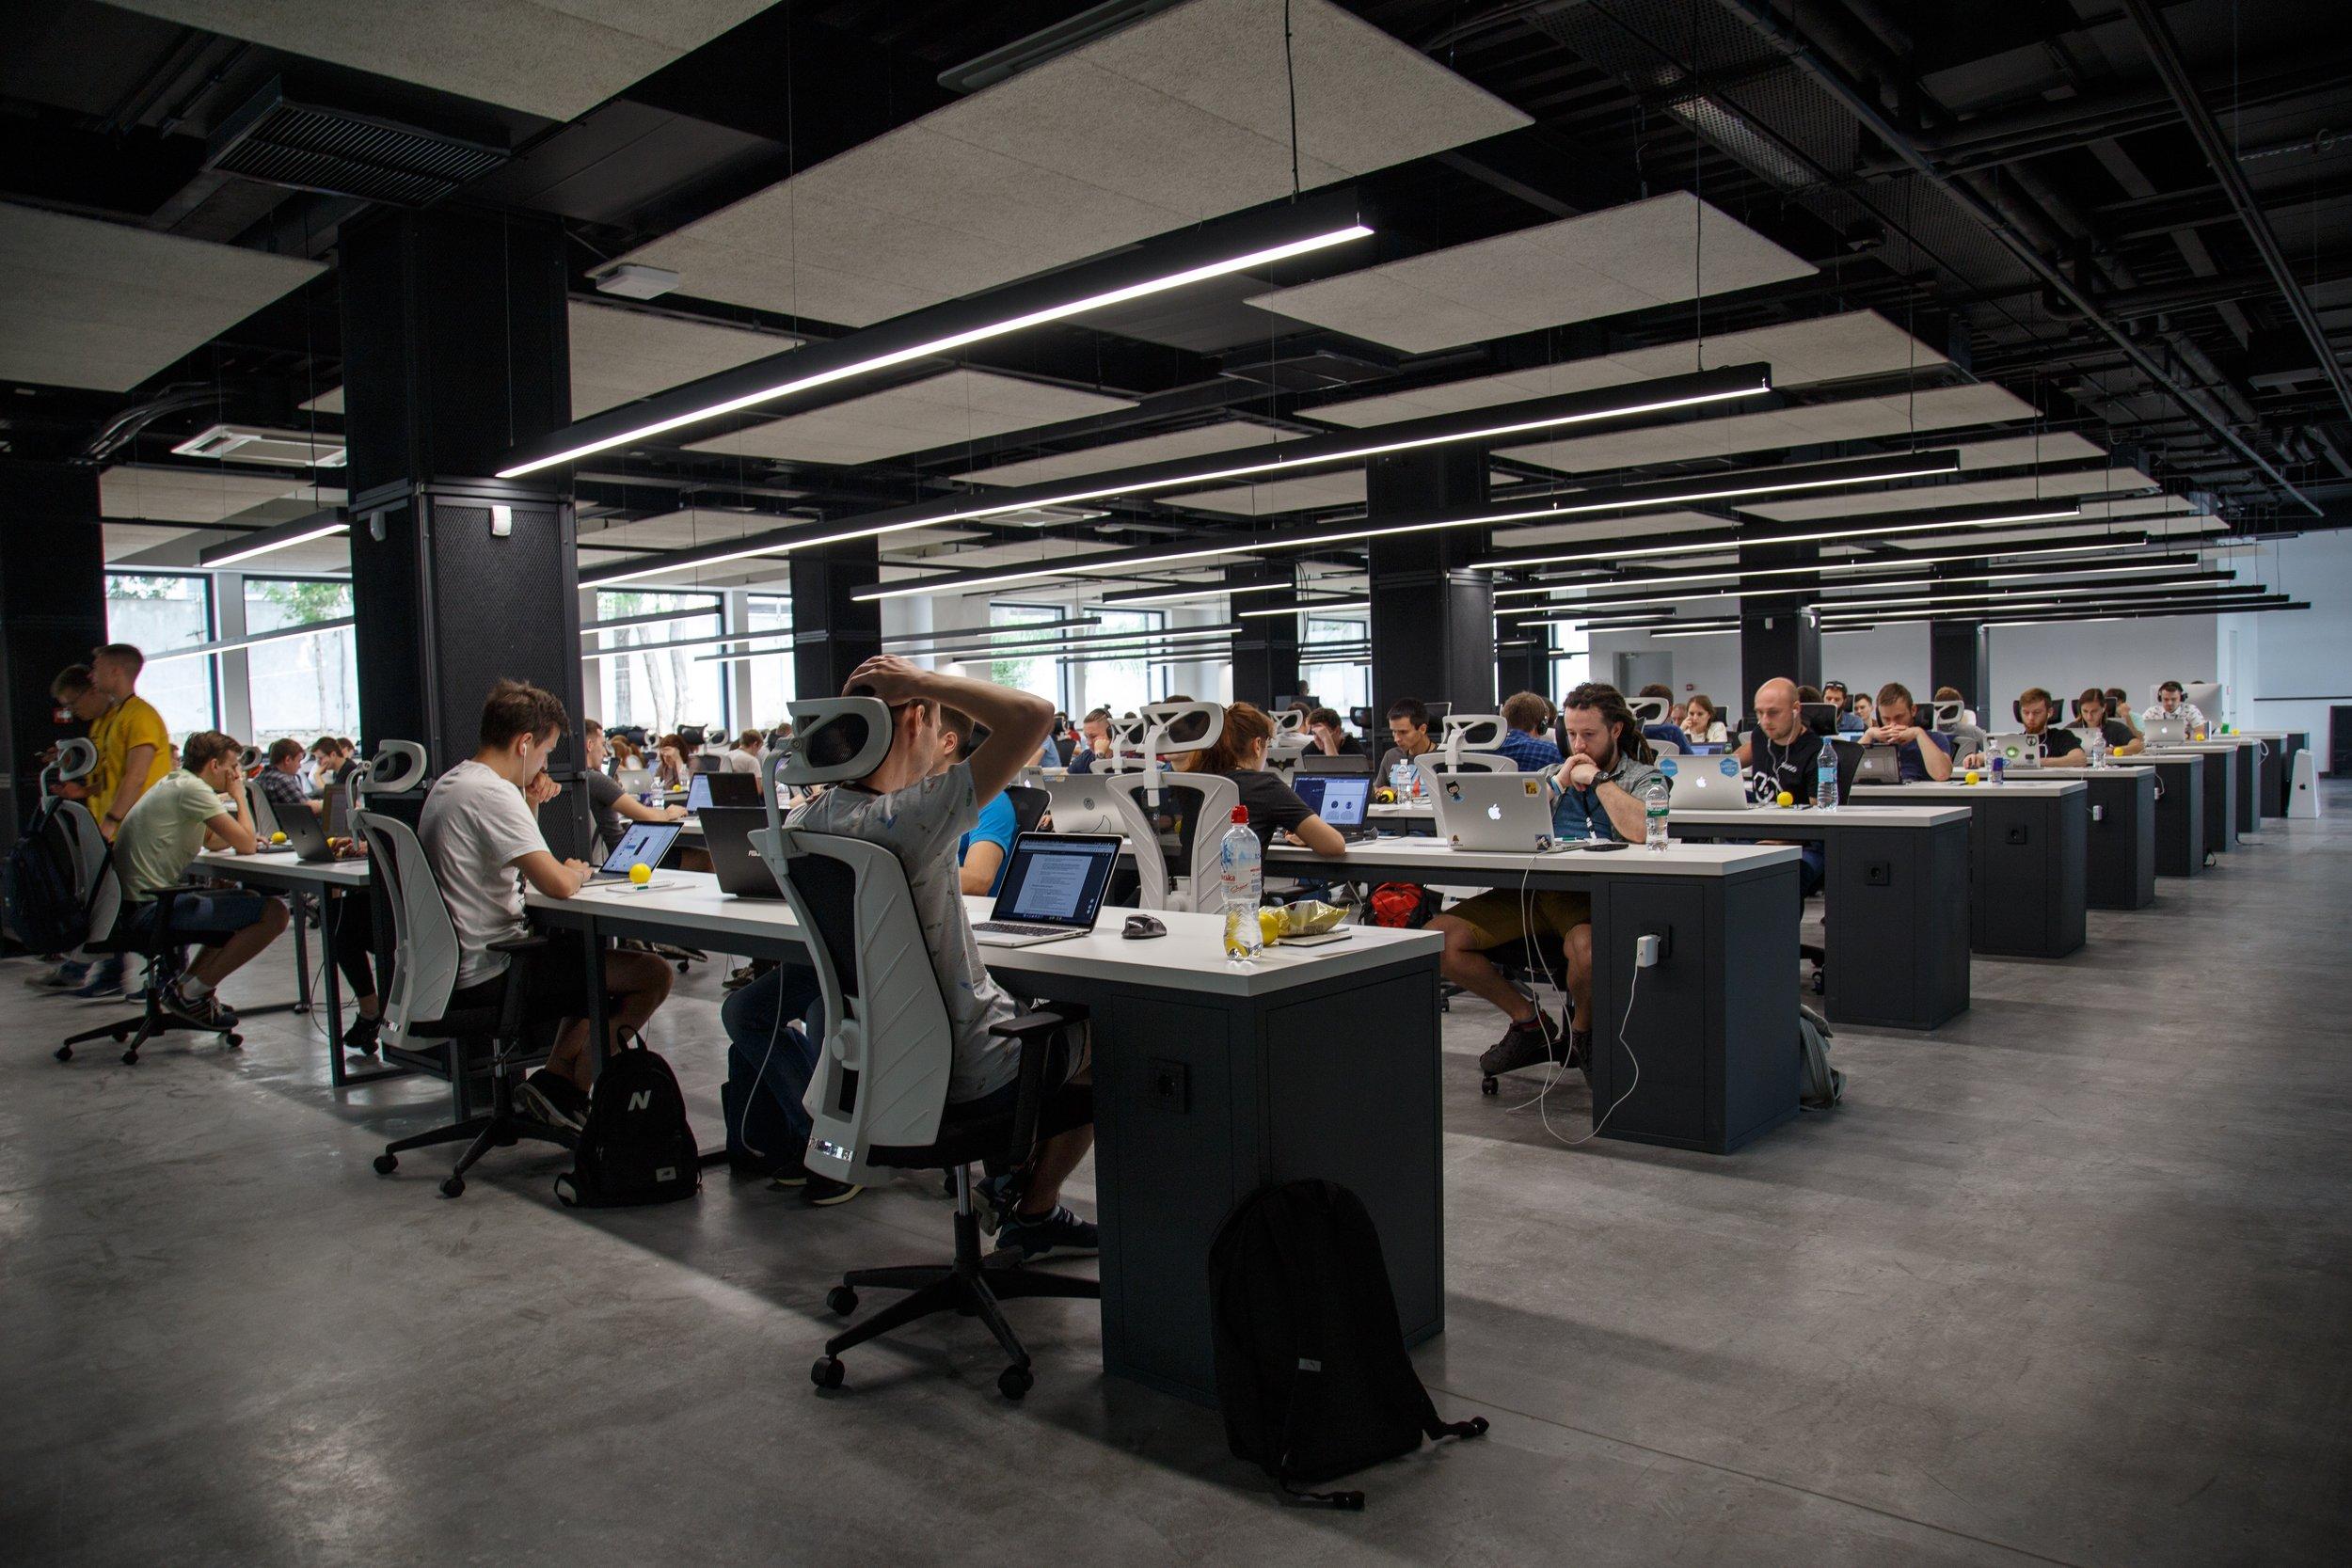 people_doing office_work.jpg